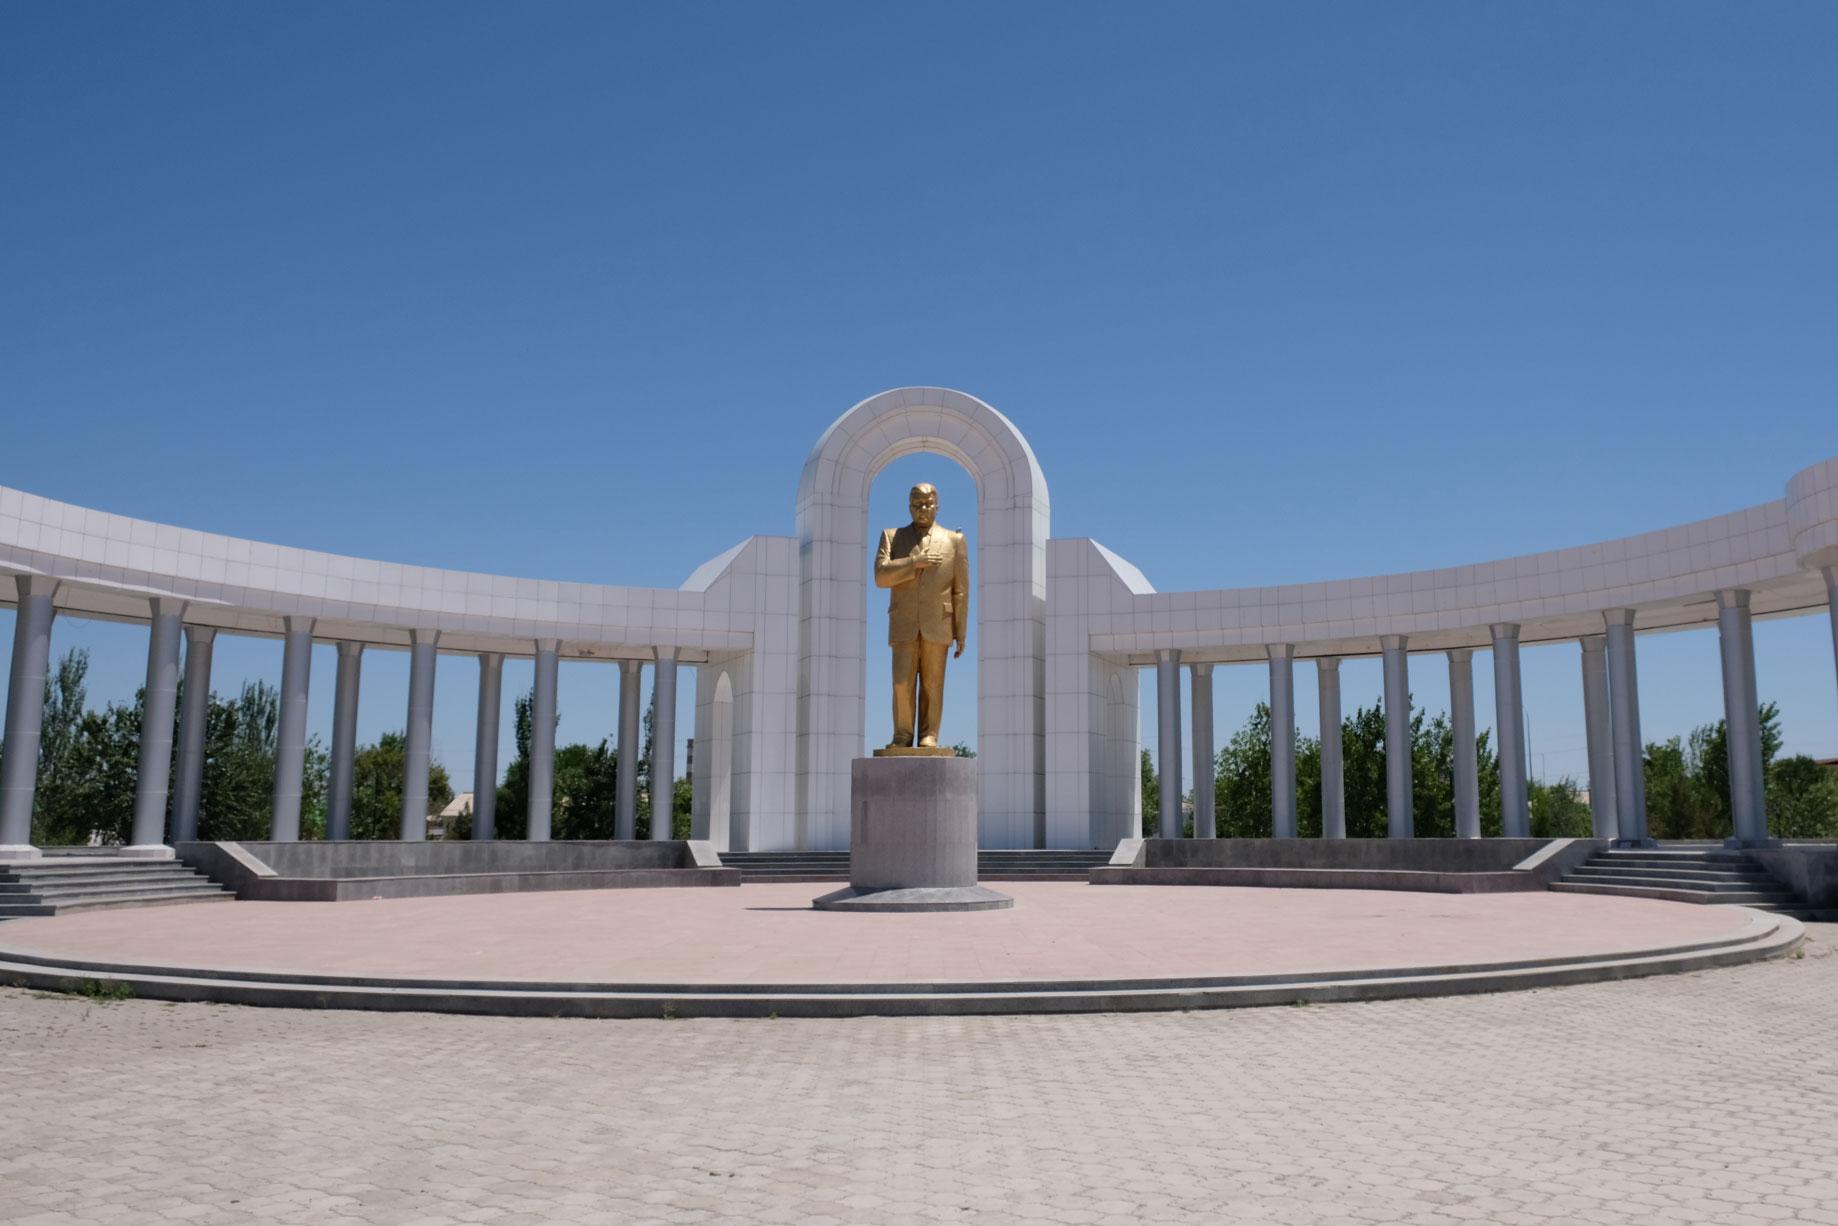 Goldene Statue vom vom turkmenischen Präsident Gurbanguly Berdimuhamedow